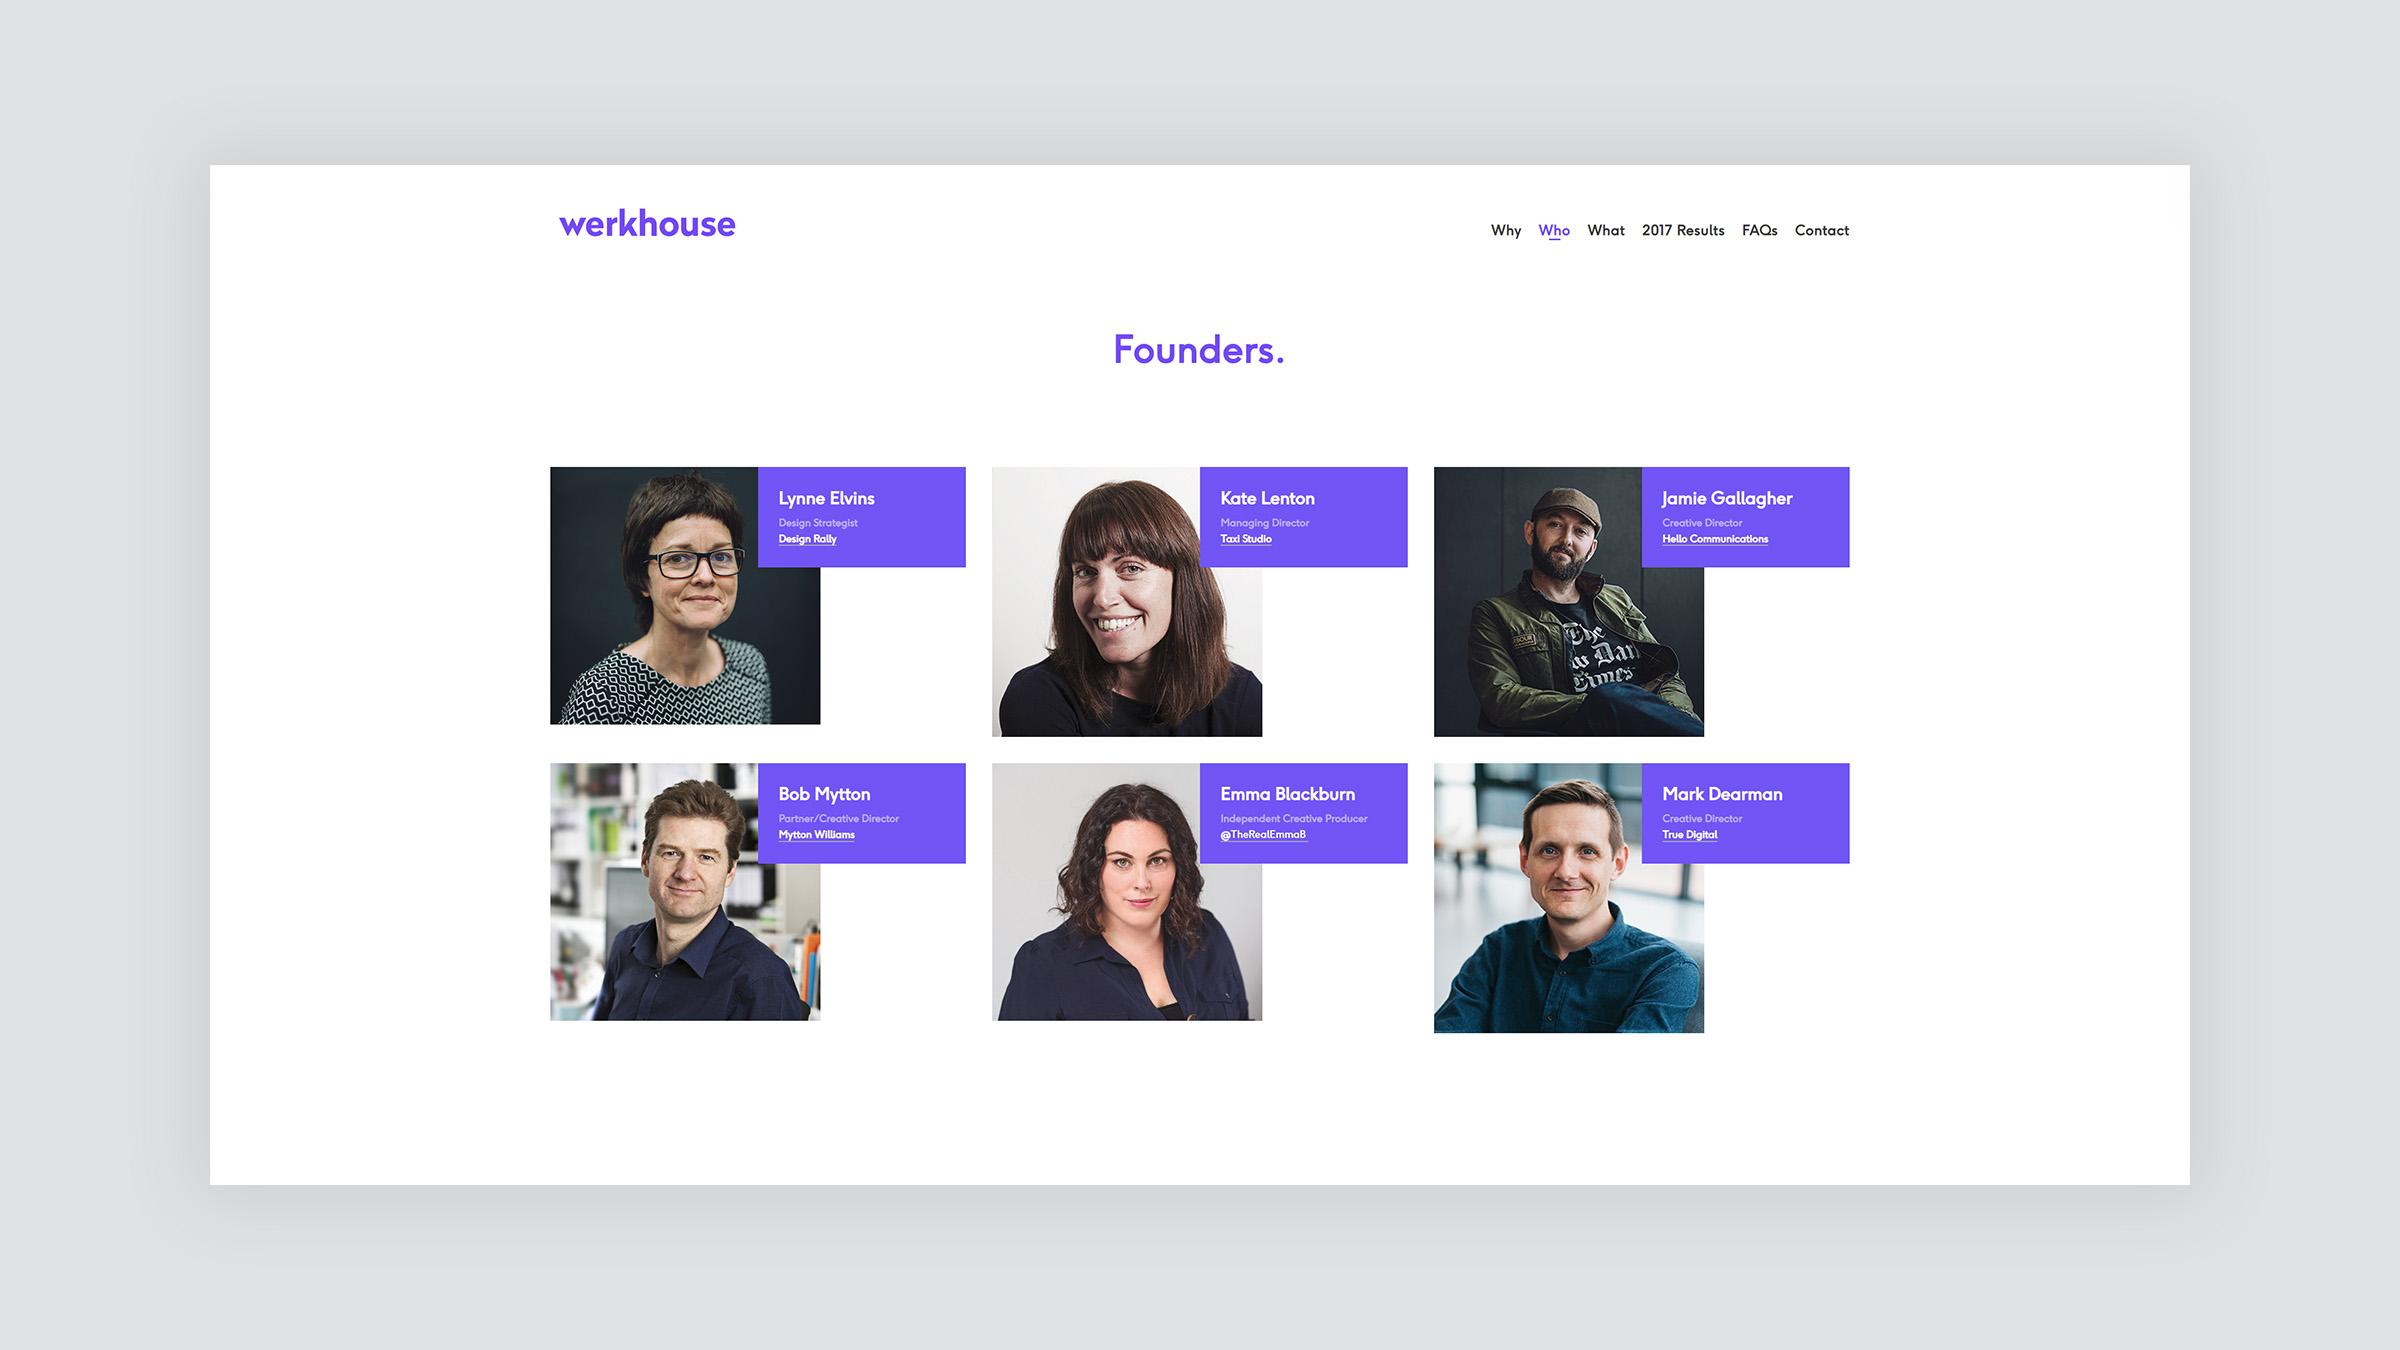 WerkhouseFounders.jpg